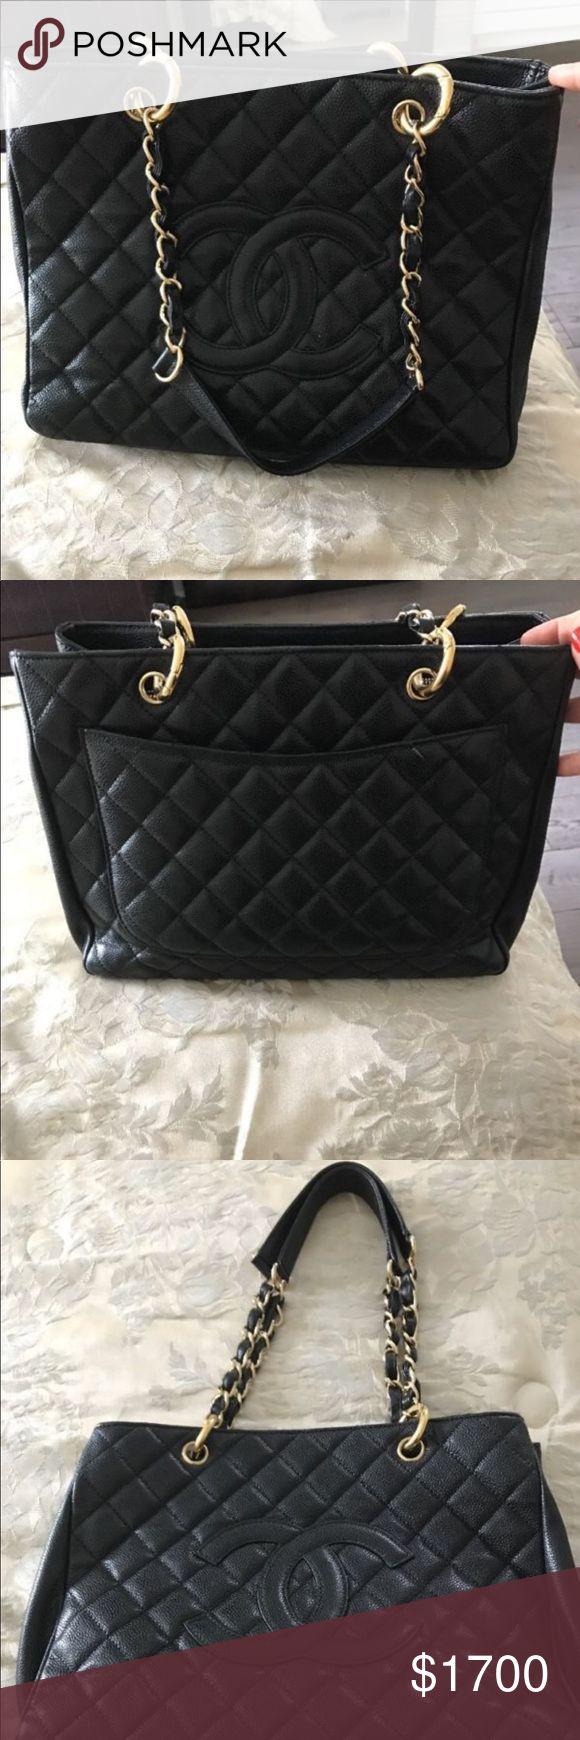 CHANEL BLACK VINTAGE LEATHER HANDBAG Brand New CHANEL Bags Shoulder Bags